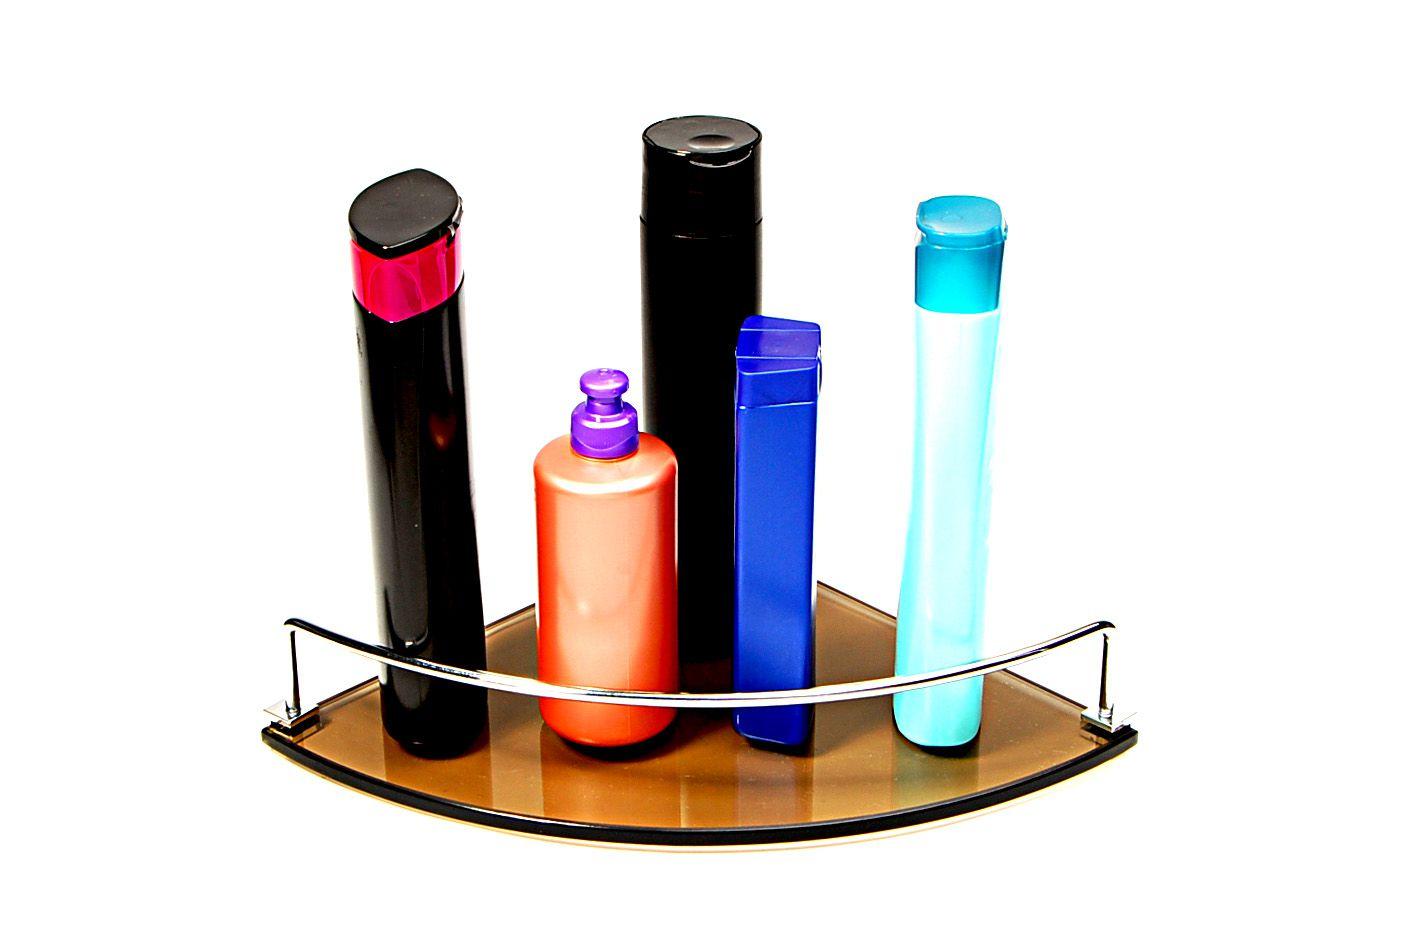 Porta Shampoo Canto Curvo em Vidro Bronze Lapidado - Aquabox  - 25cmx25cmx8mm